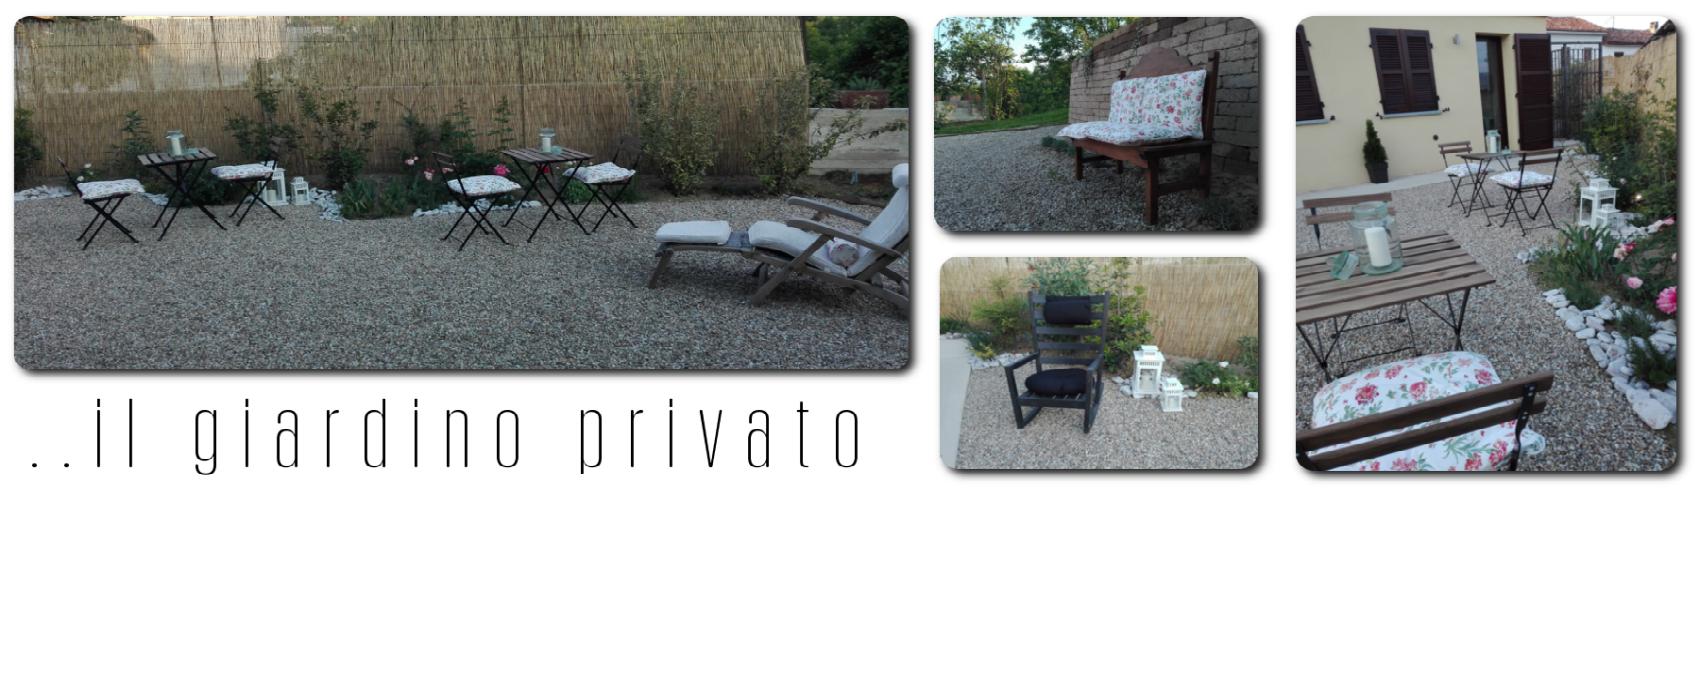 Testata-Il-giardino-privato okx7